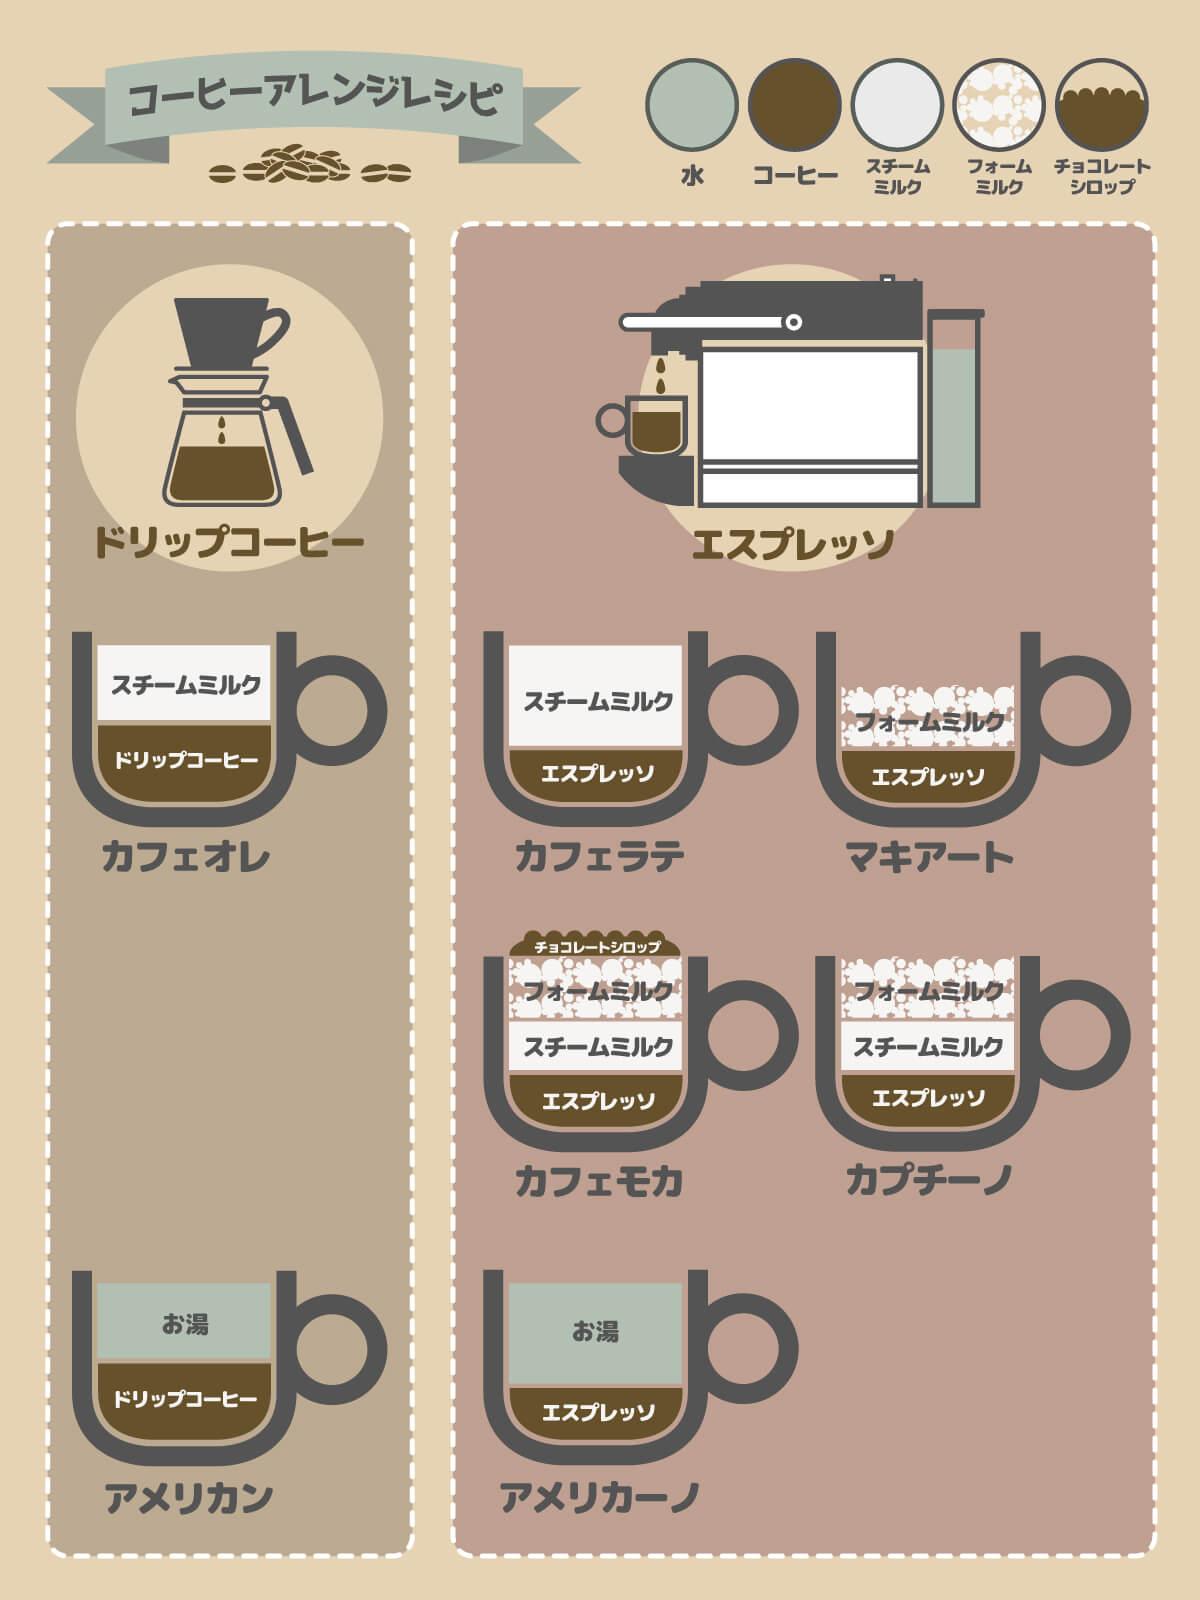 コーヒーアレンジレシピの違い